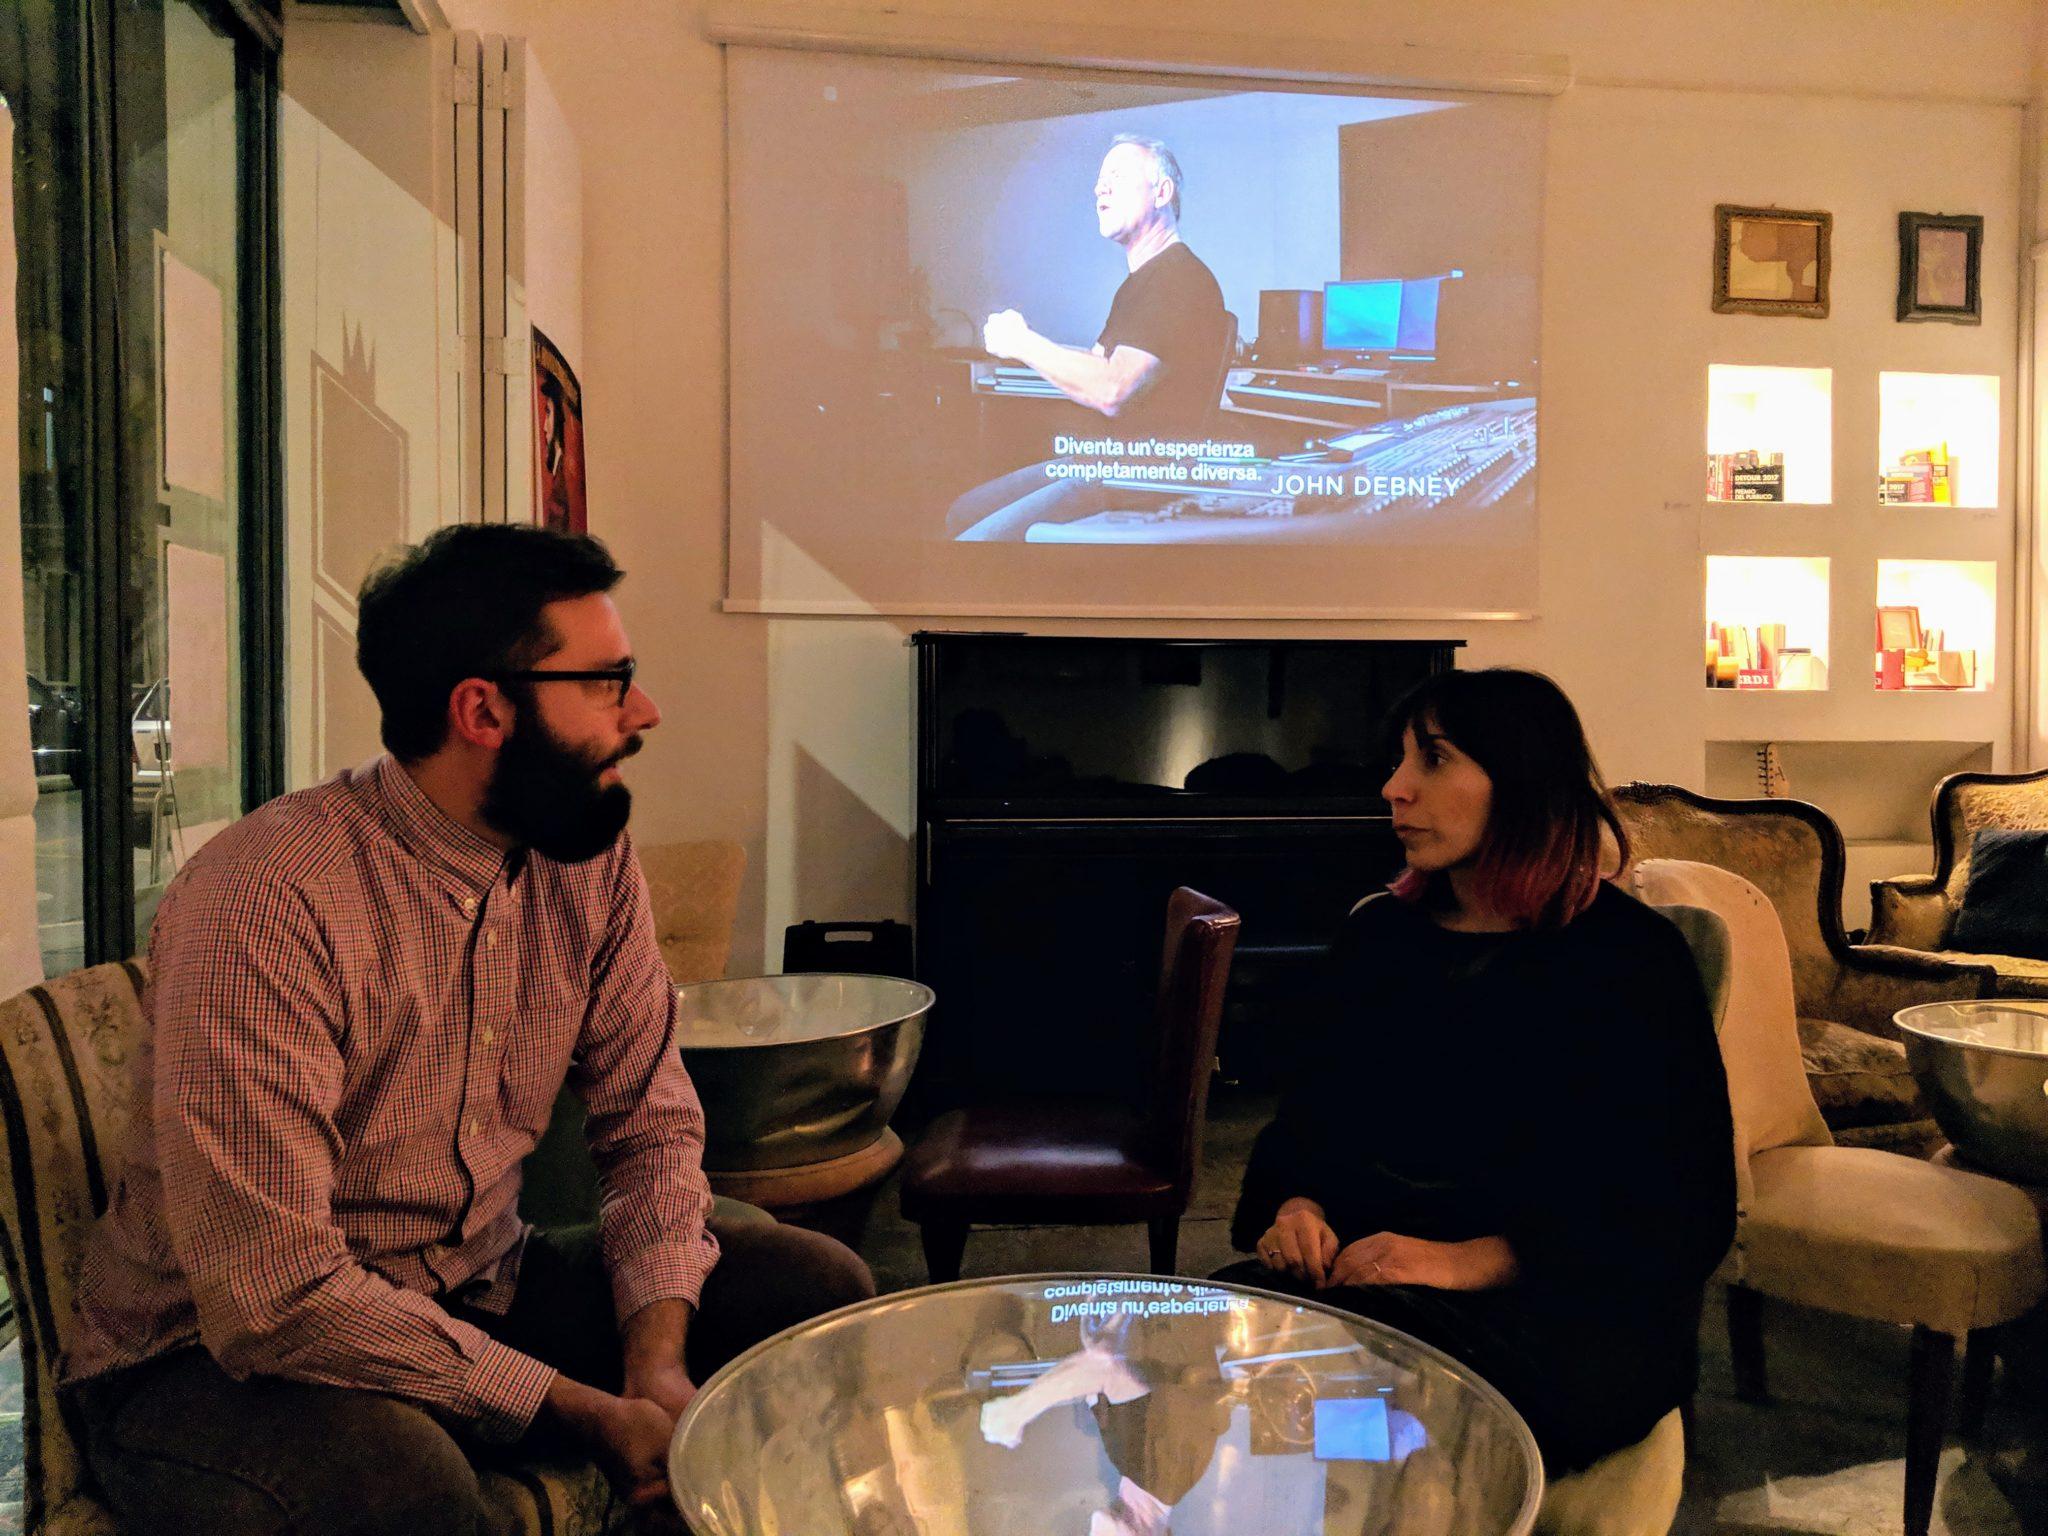 Documentari in lingua originale, rassegne cinematografiche, piccola enoteca ma anche laboratorio di idee aperto a tutti